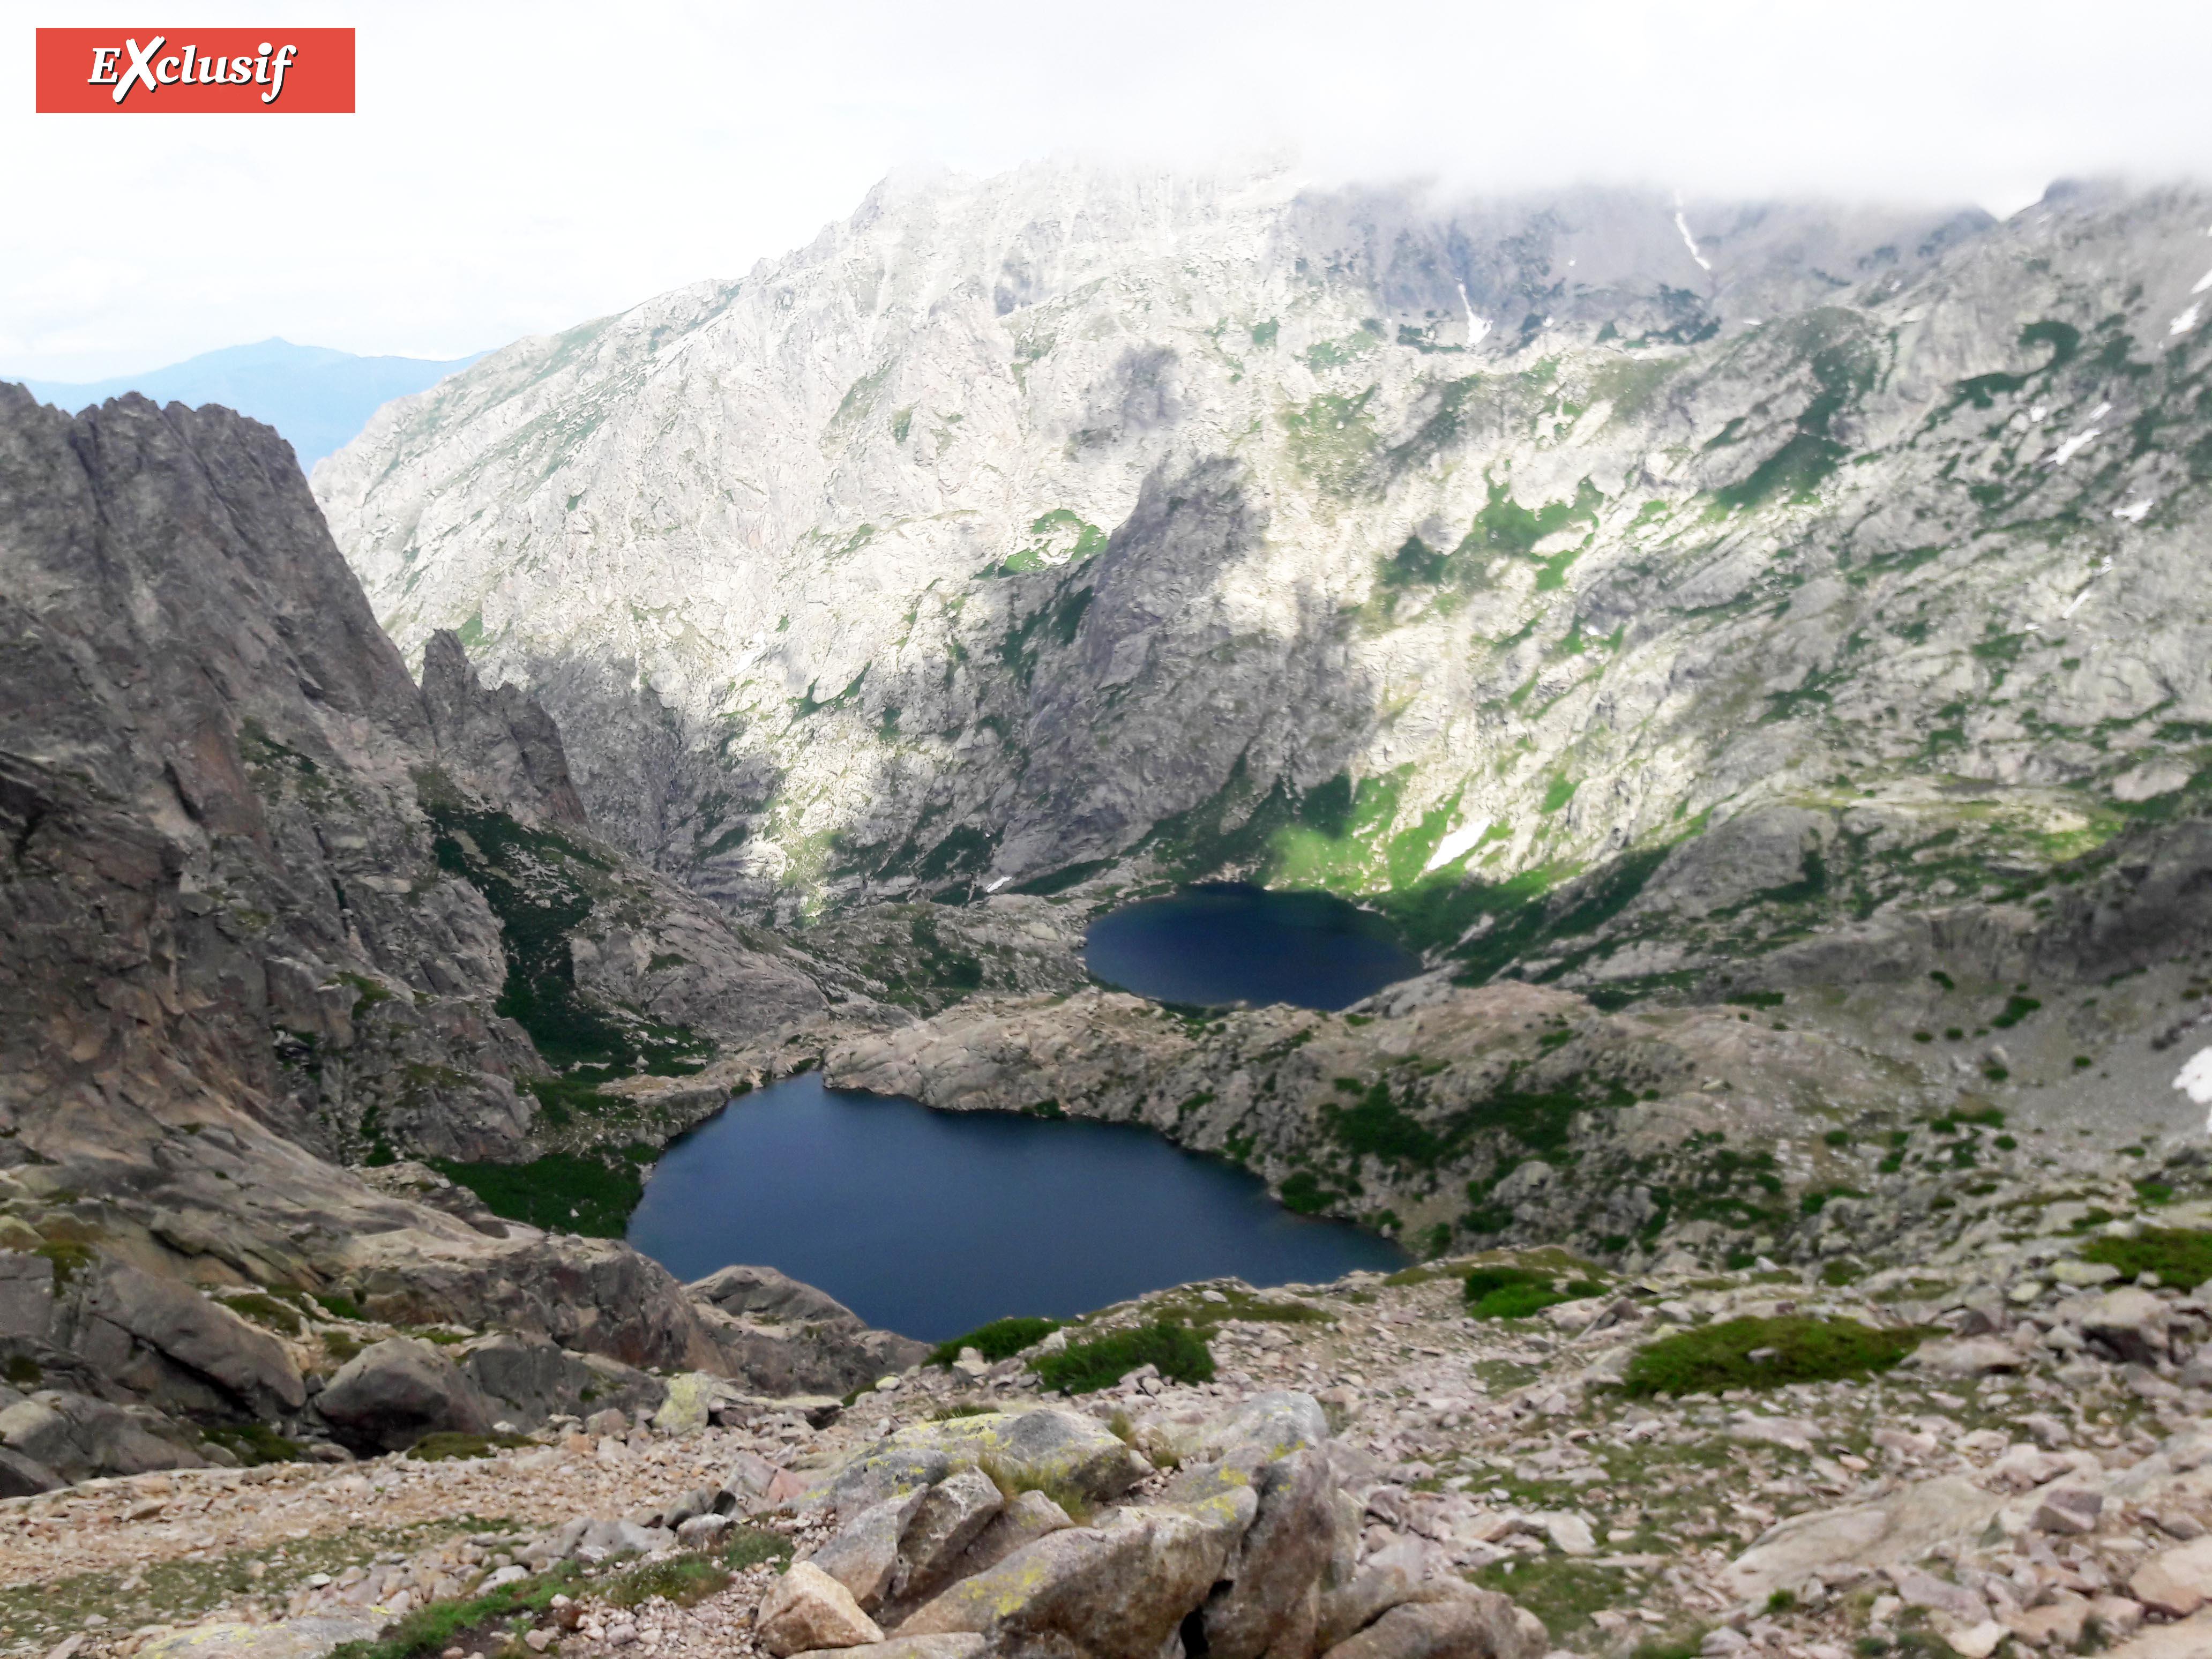 Les lacs Melu et Capitellu: une caractéristique de la beauté de ce GR20